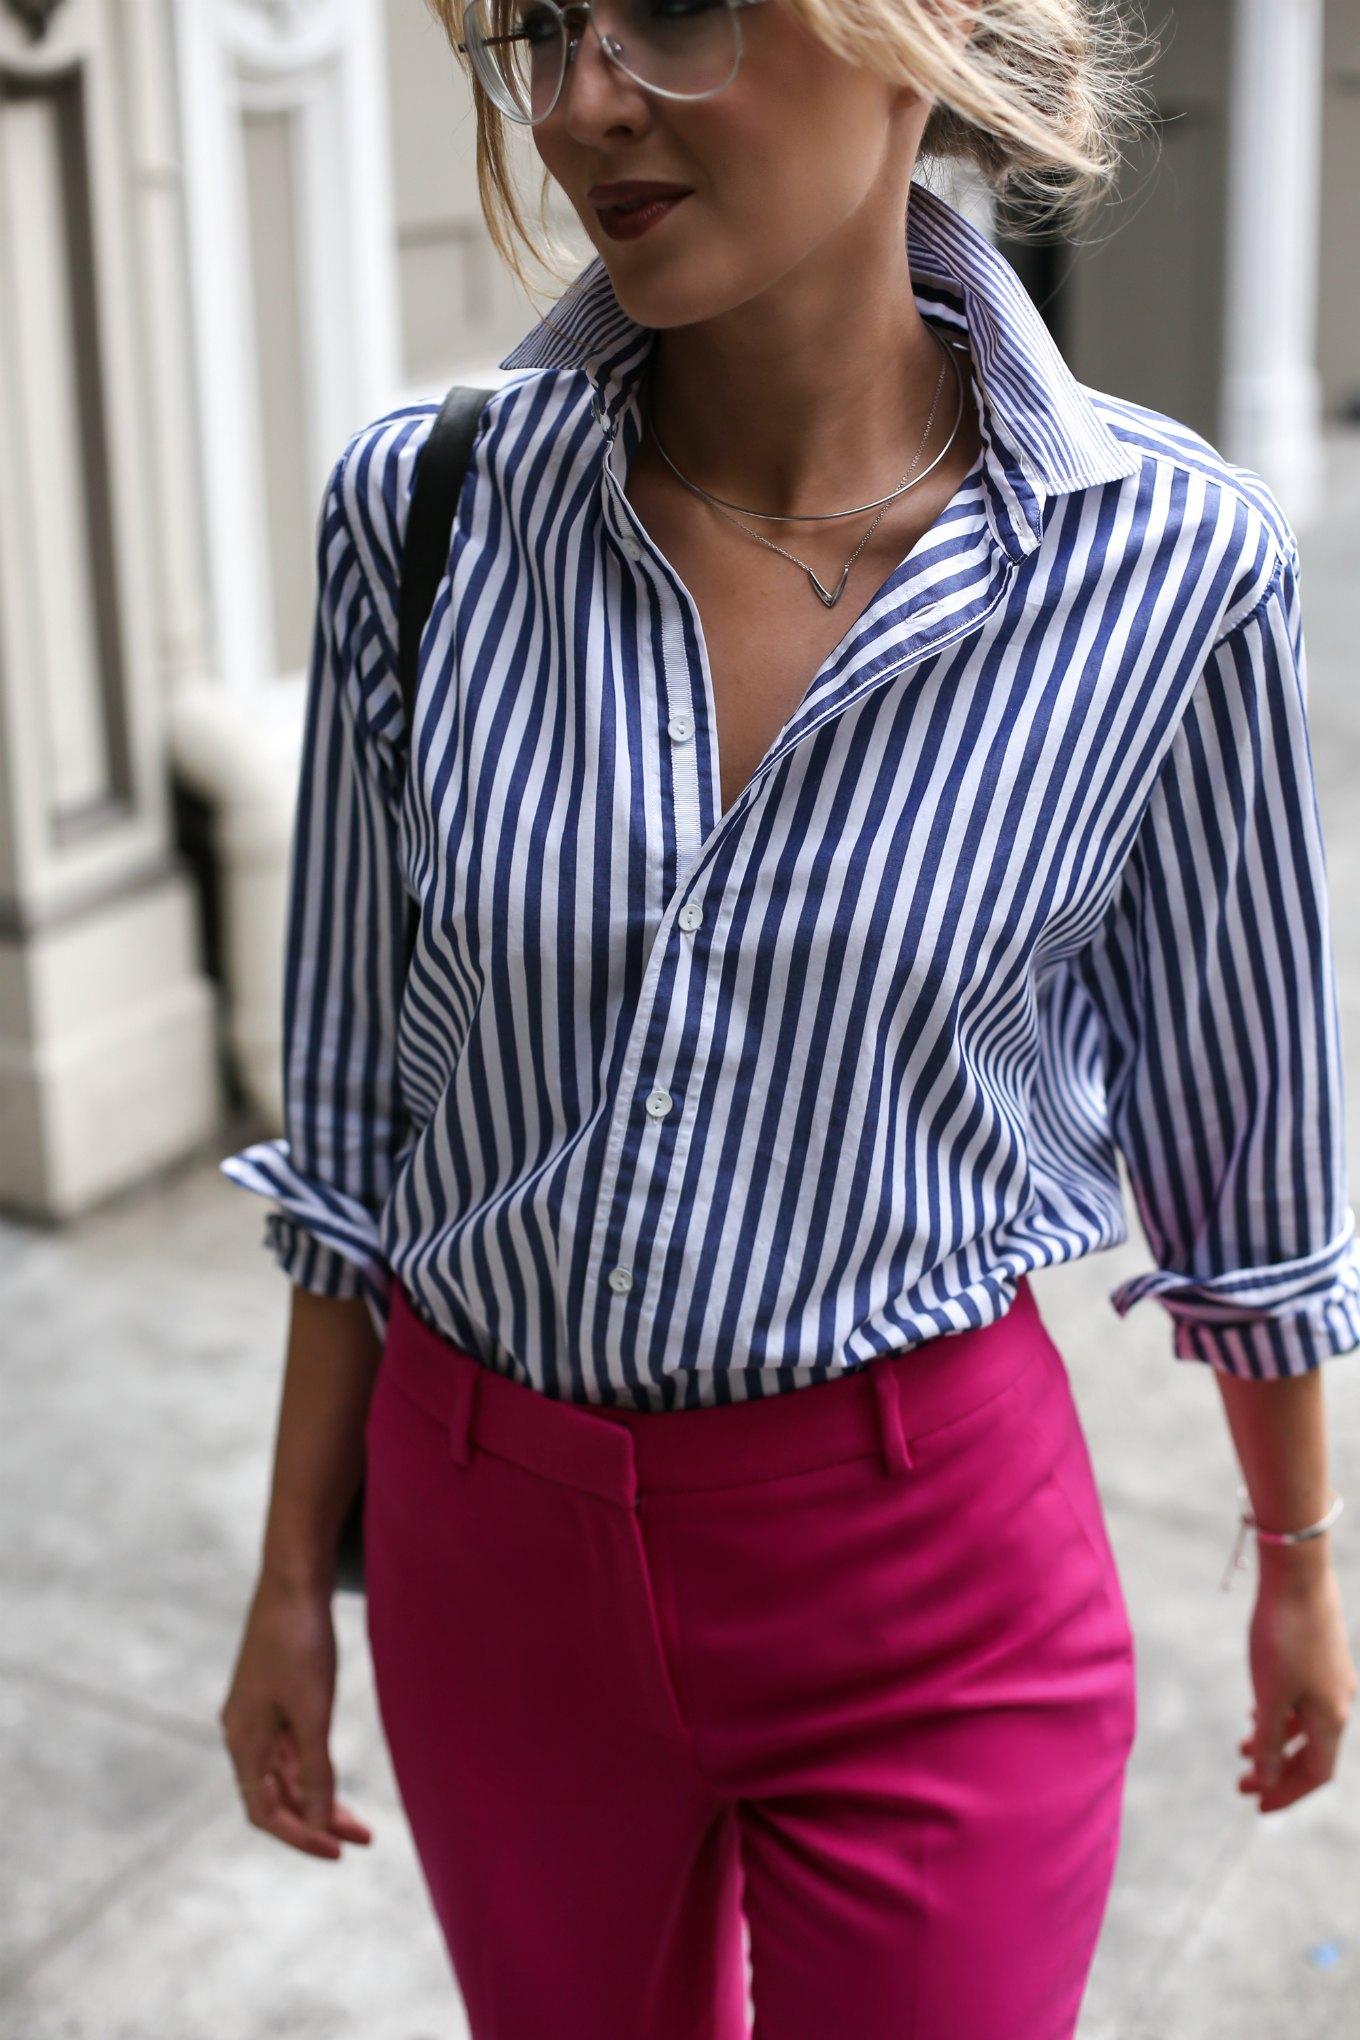 诺德斯特罗姆-j-紫红色,粉红色,袖口破洞的裤子,破布和骨条纹的男朋友衬衫,工作服,时尚风格,博客5